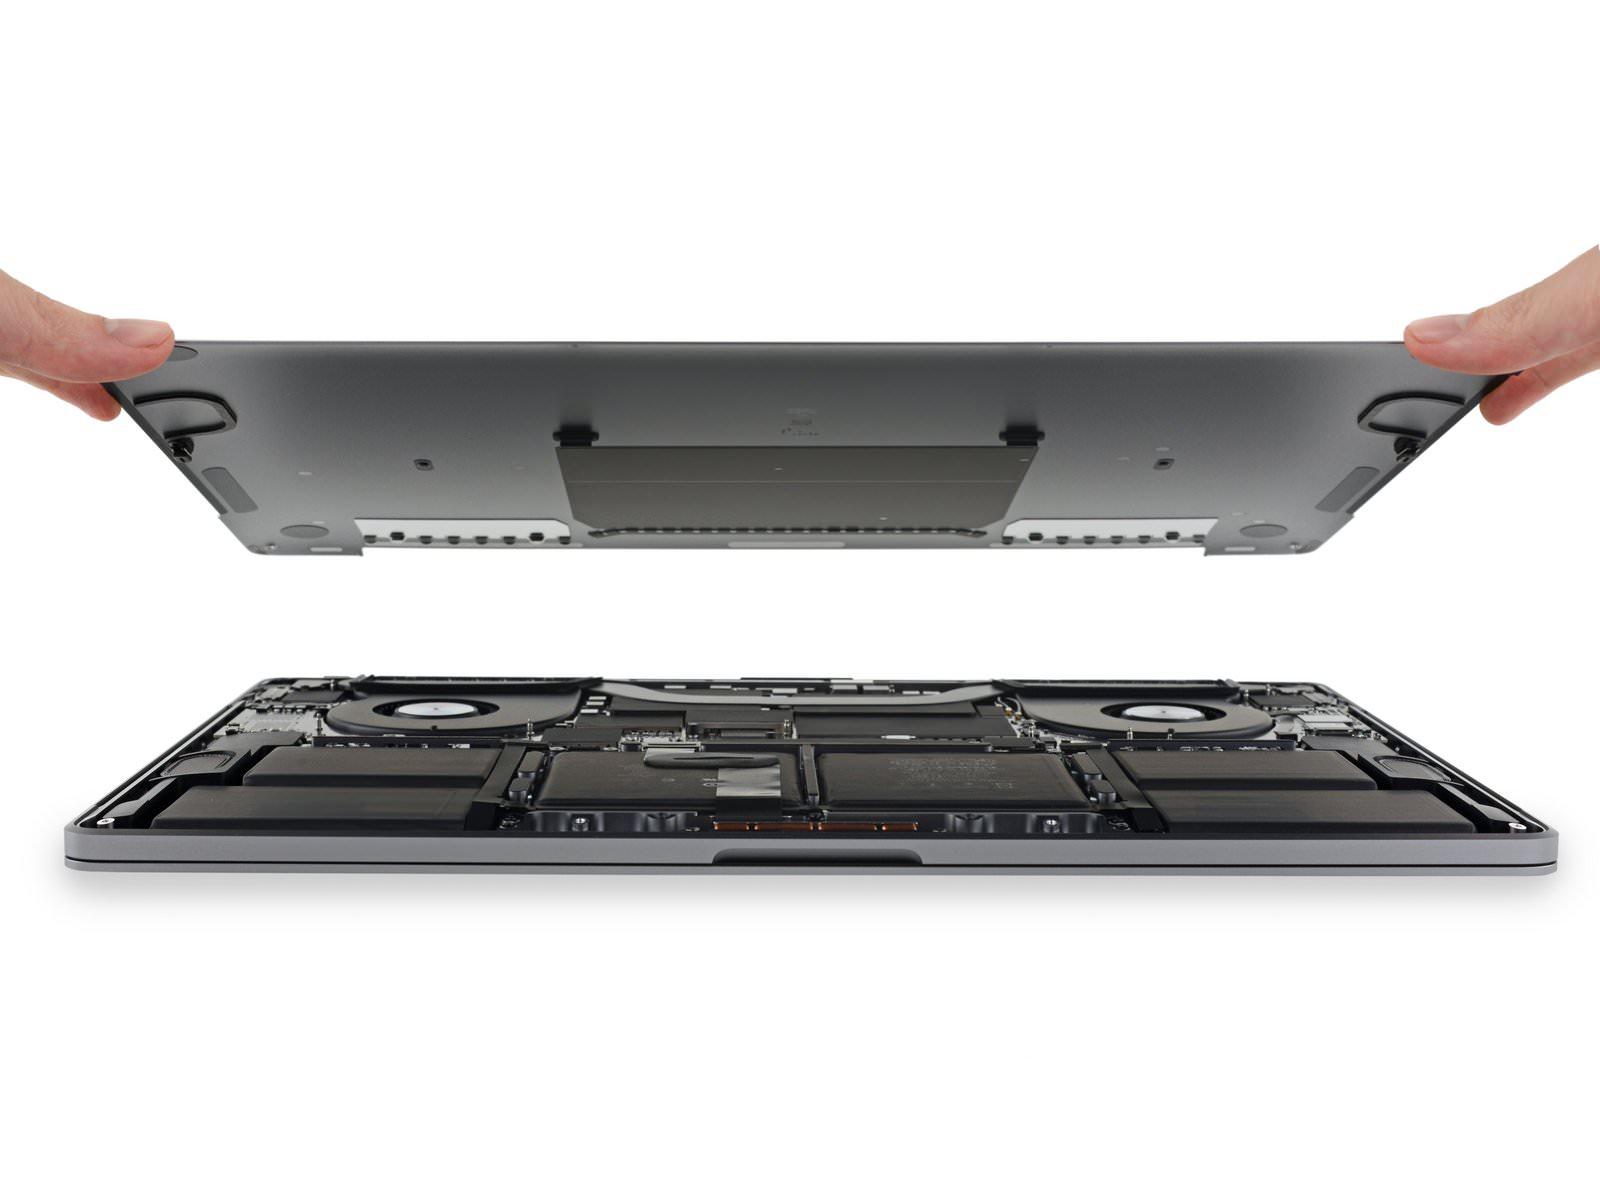 Macbookpro 16inch teardown 1